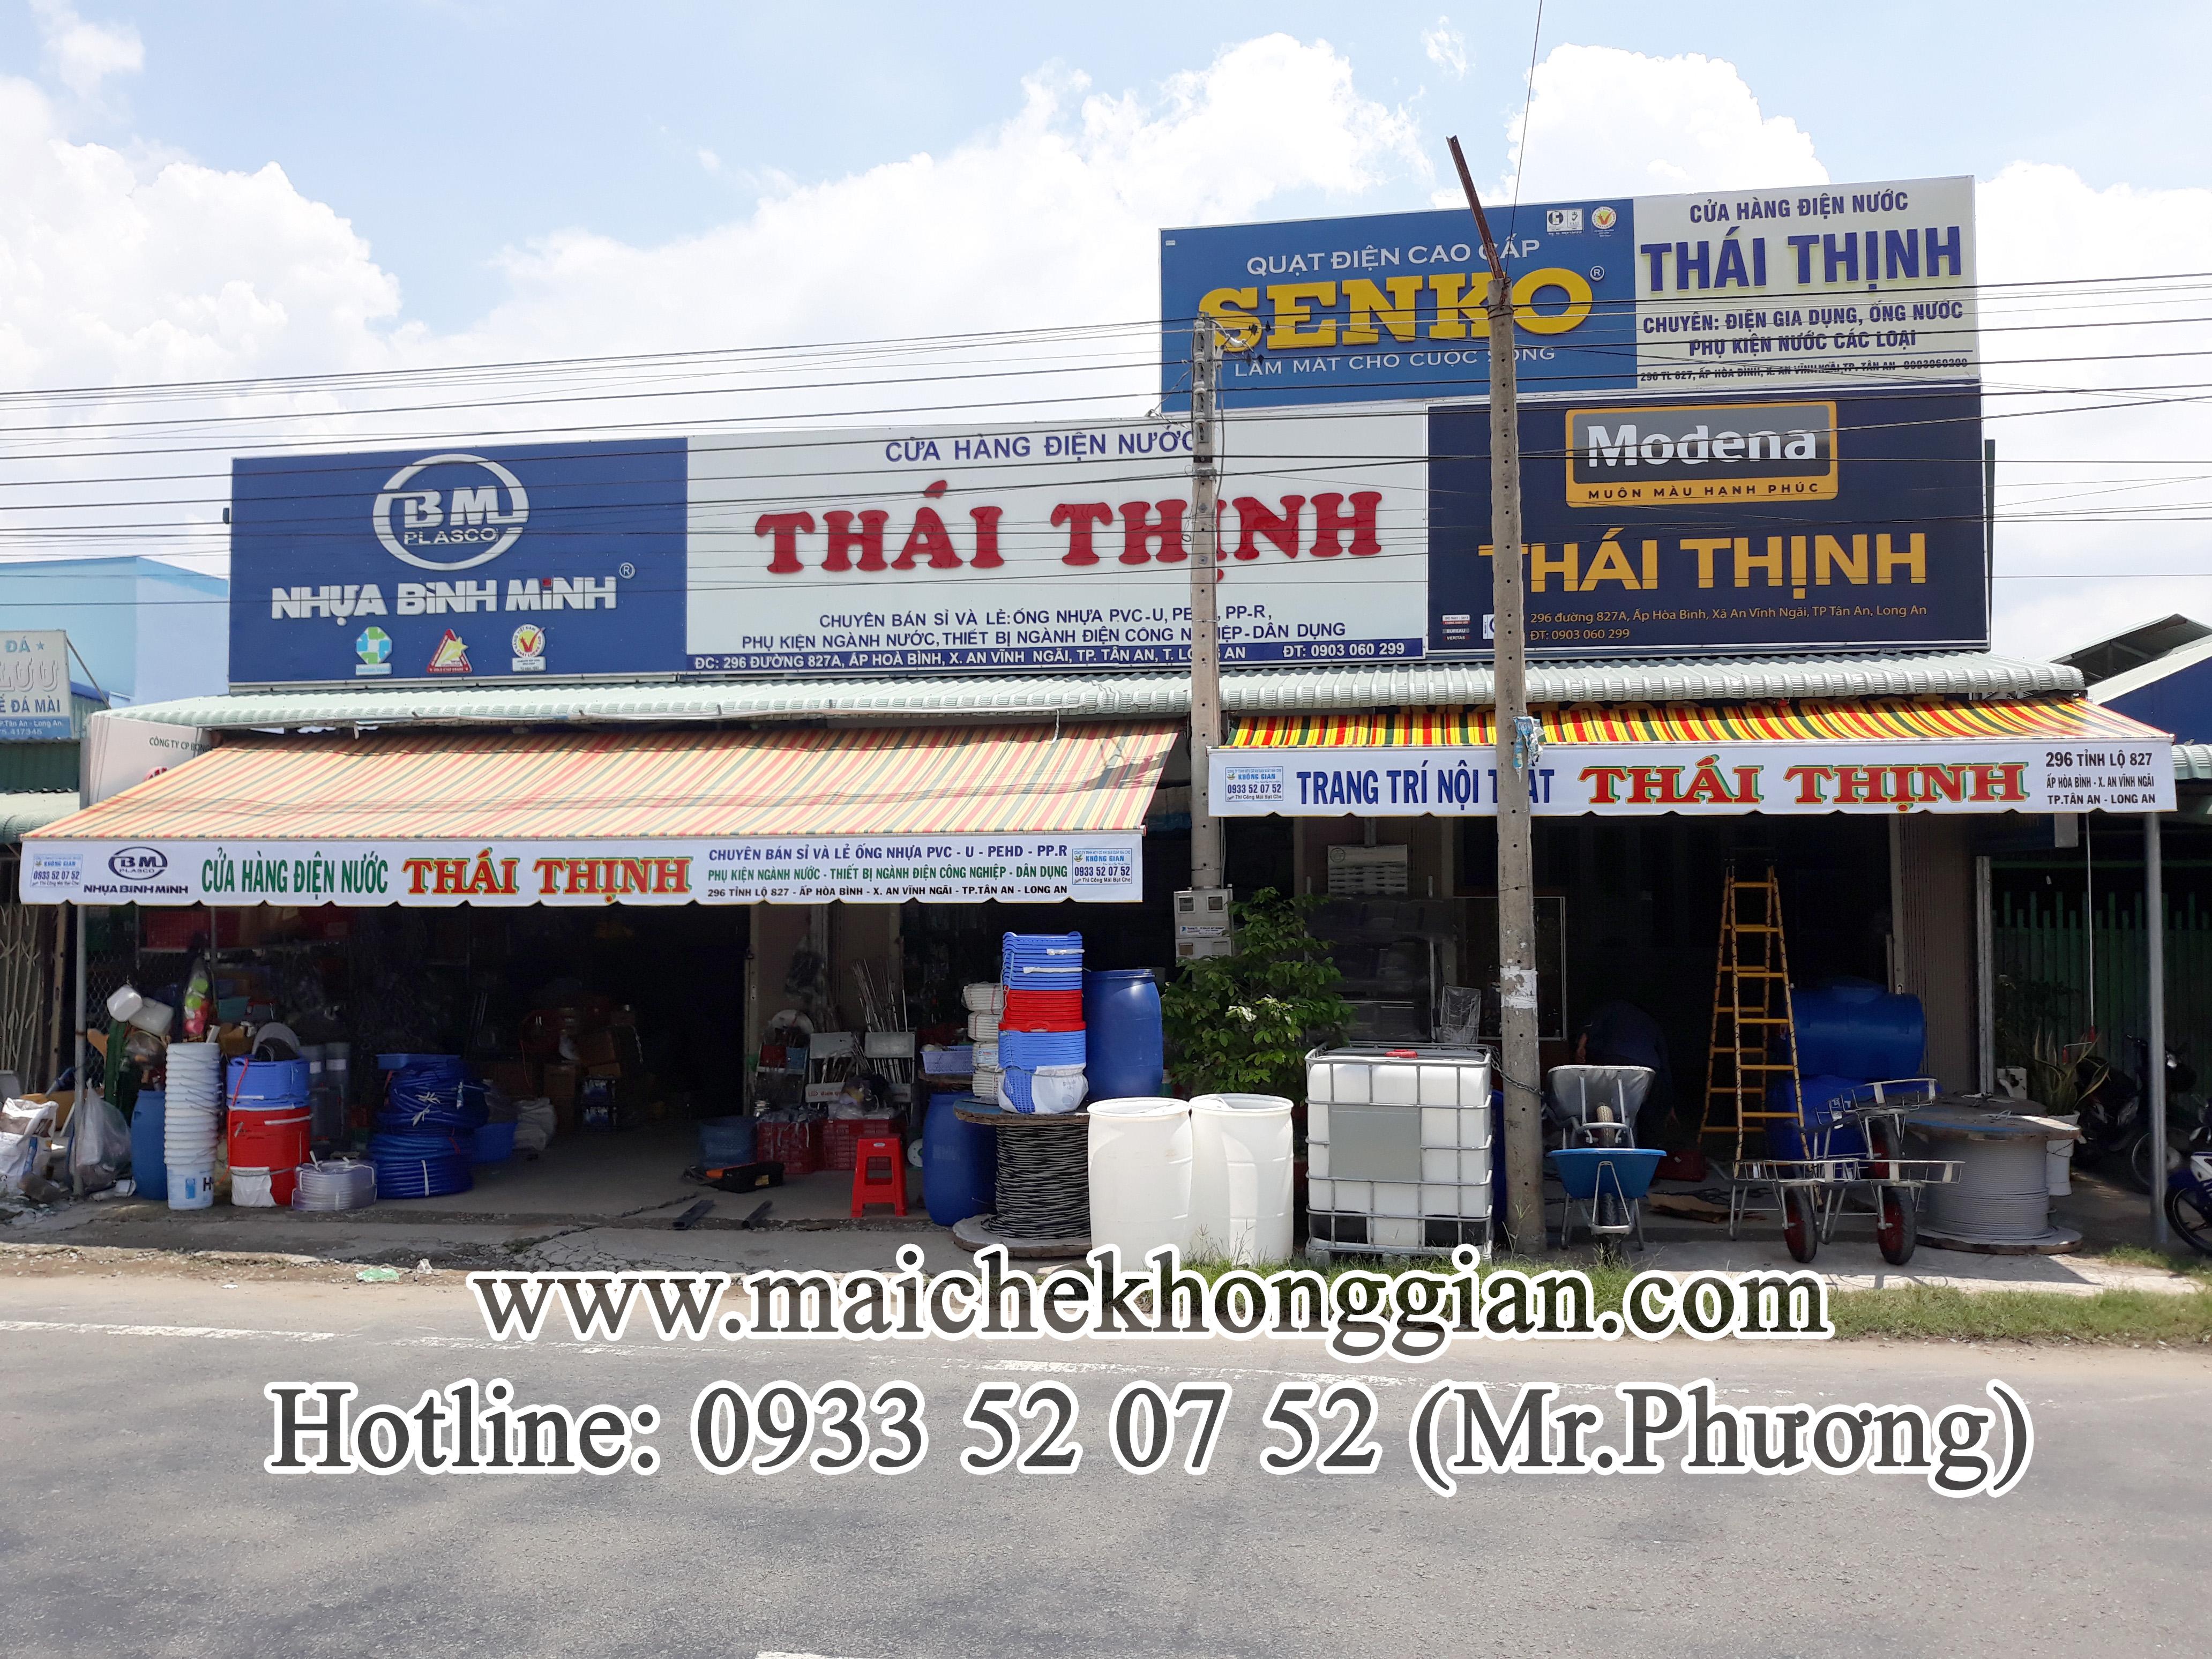 Mái Hiên Quảng Cáo Cửa Hàng Huyện Mỹ Xuyên Sóc Trăng